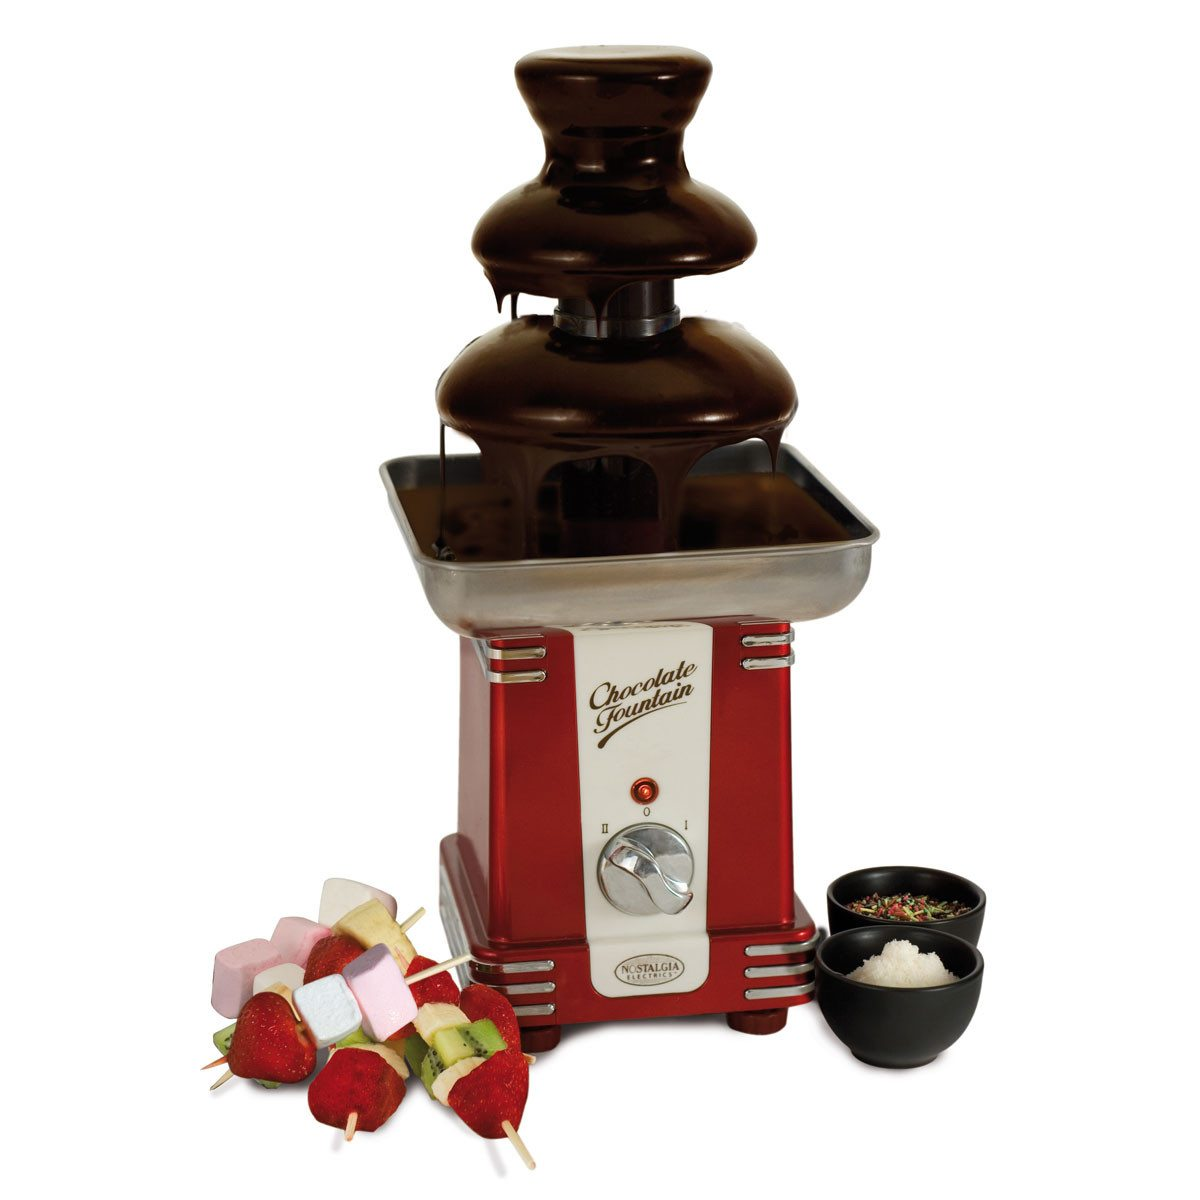 Fuente de chocolate de estilo retro para golosos muy estilosos